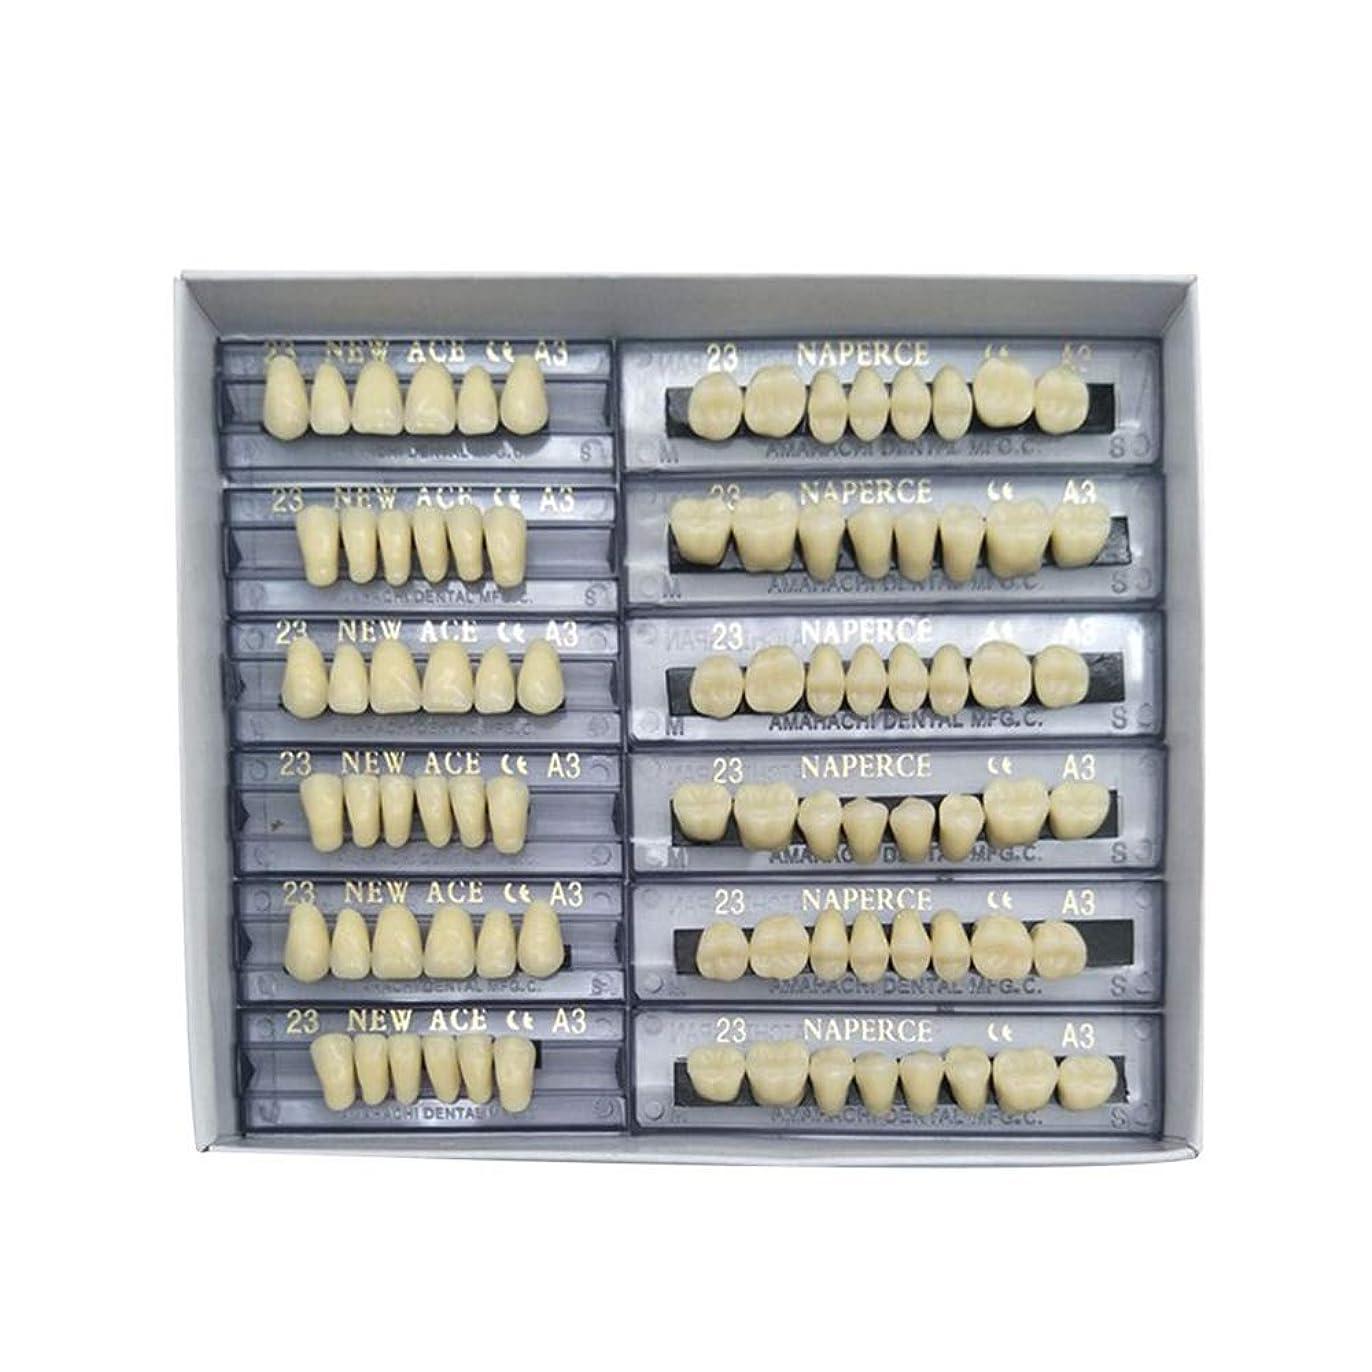 どきどきウィザード正しいSHINA 12セット合成ポリマー樹脂義歯 上+下歯科セット (A3)